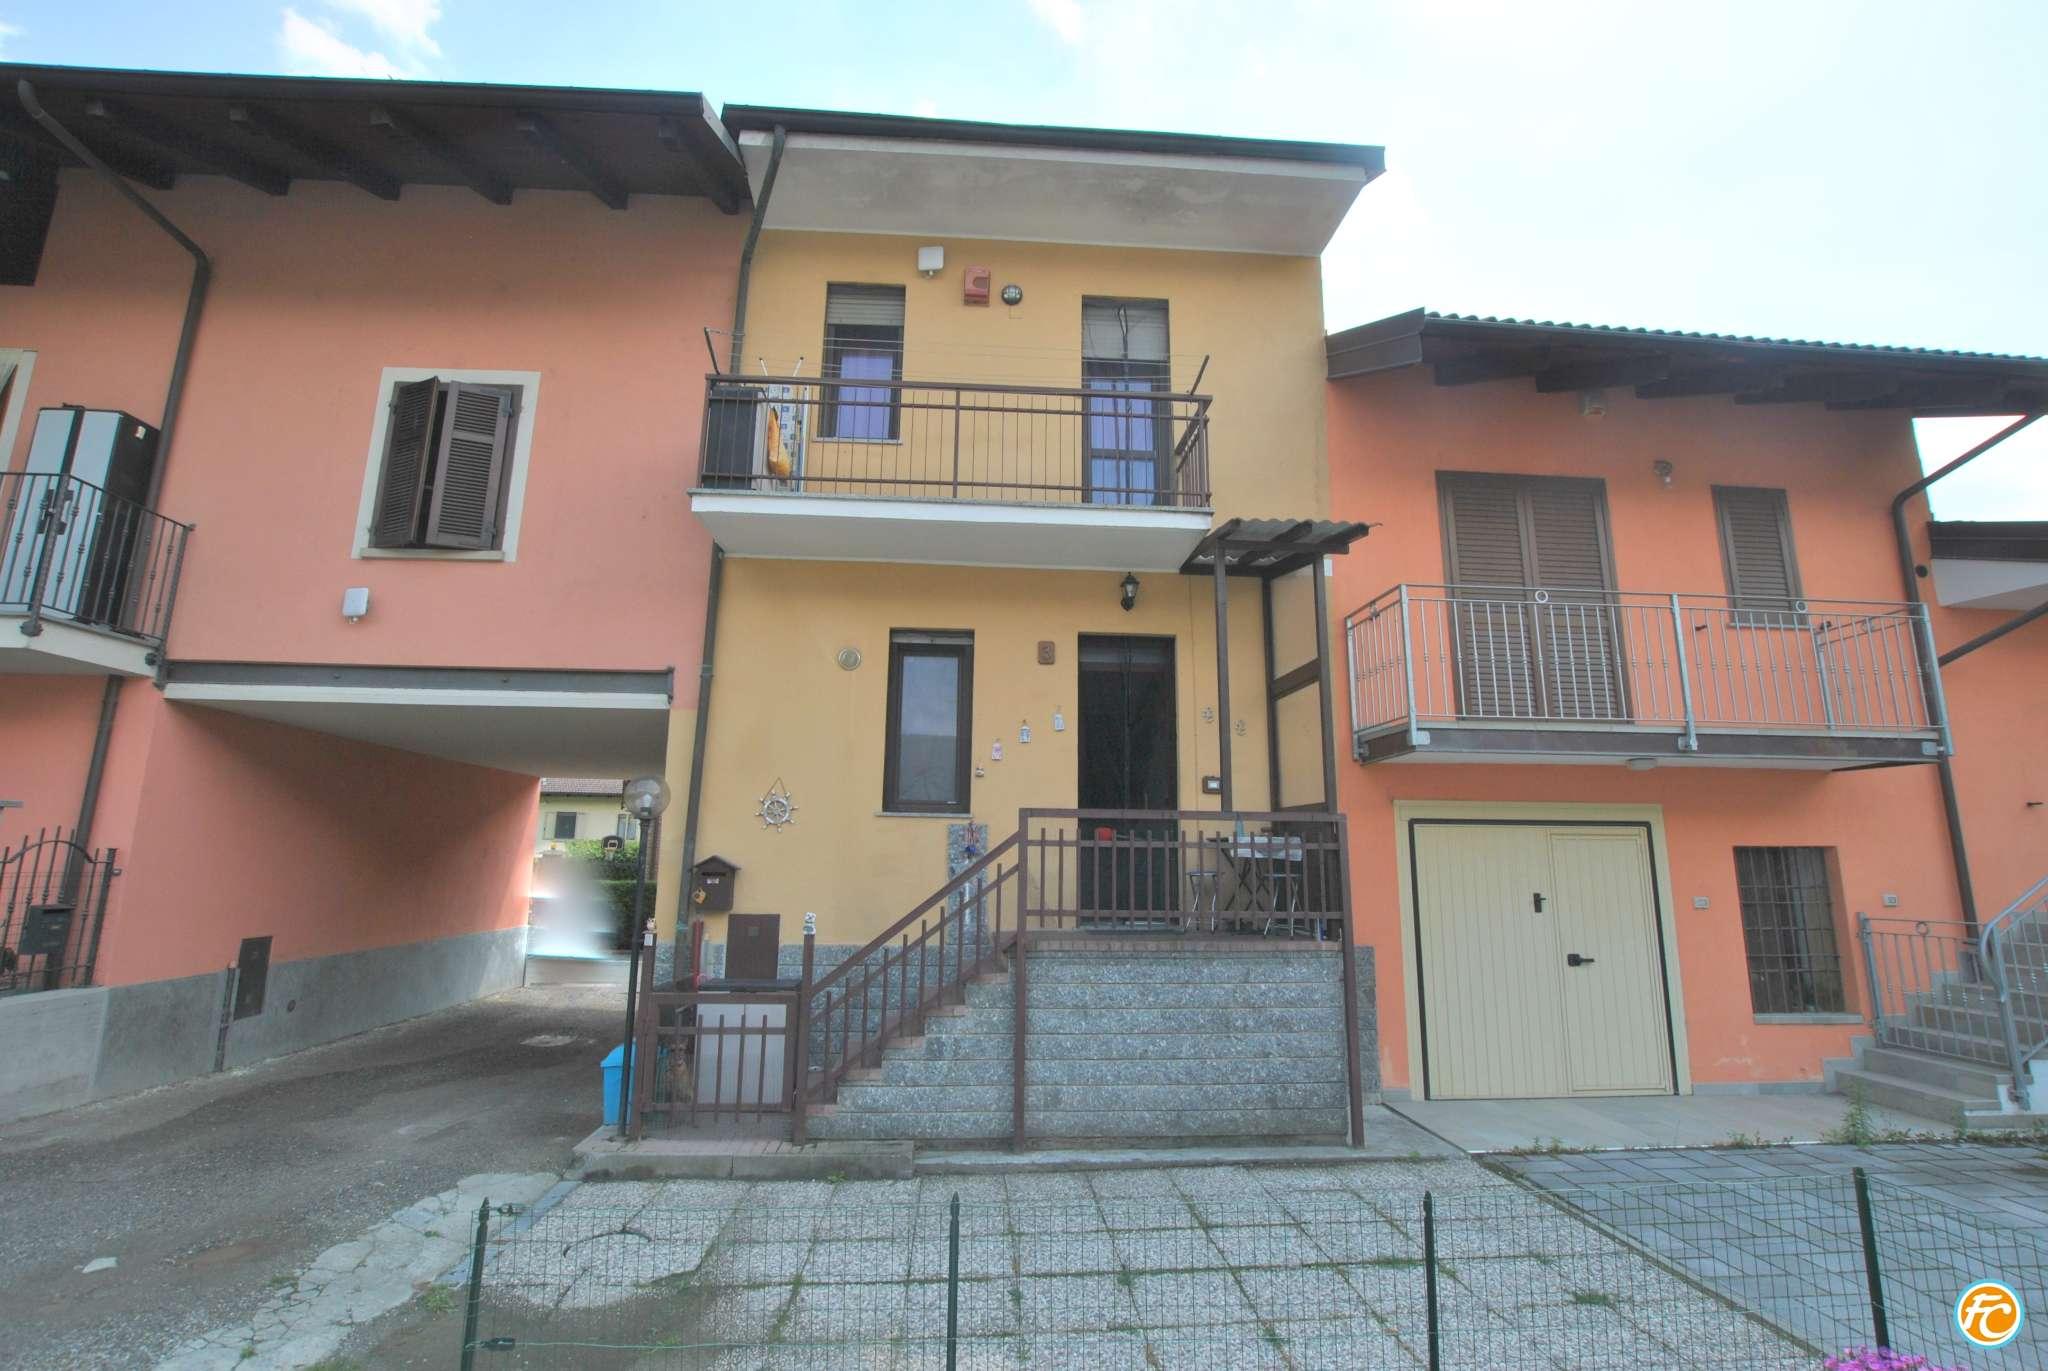 Soluzione Semindipendente in vendita a Chiusa di San Michele, 4 locali, prezzo € 108.000 | CambioCasa.it